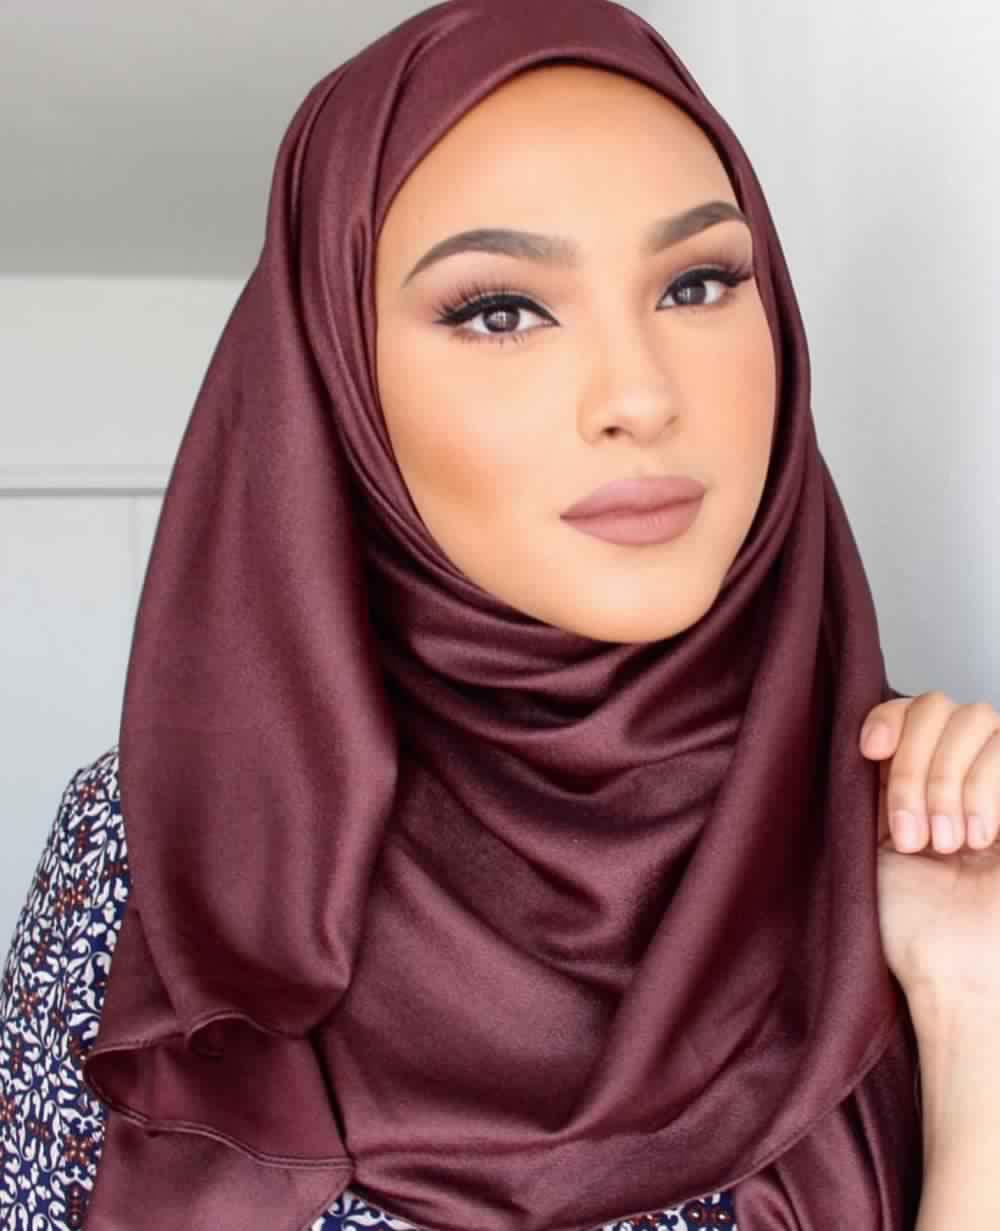 Couleurs Pour Hijab11